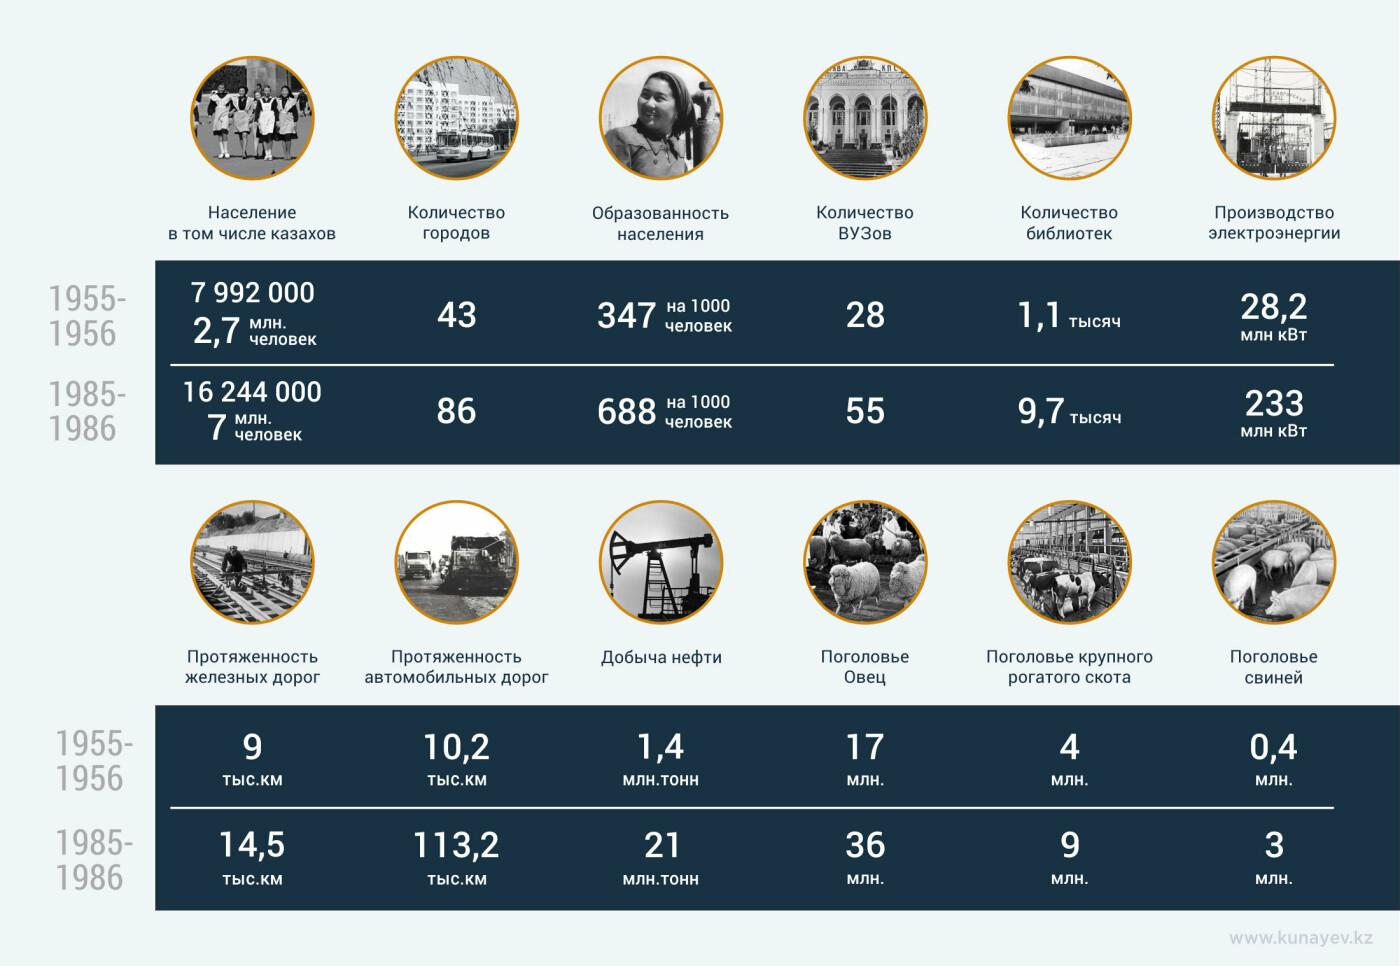 Сайт, посвящённый Кунаеву, презентовали в Алматы, фото-6